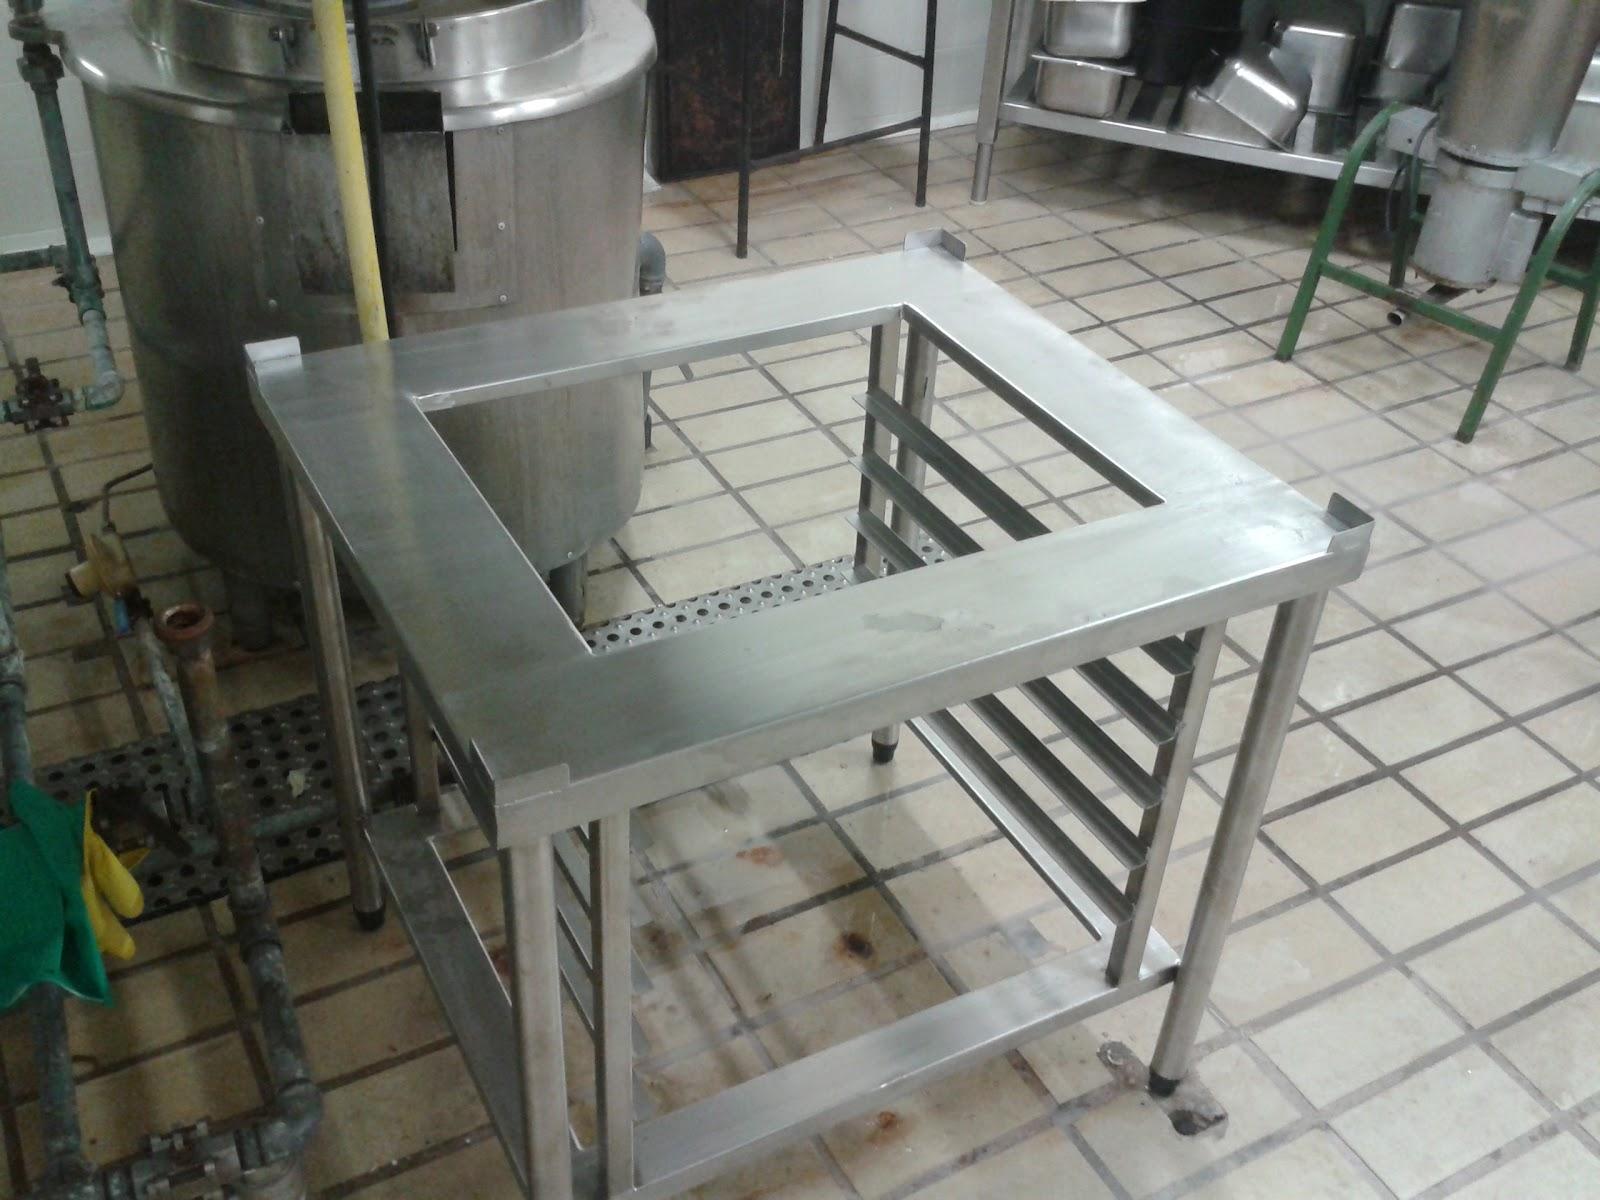 Cozinhas Industriais Manuten O E Fabrica O De Equipamentos #59513F 1600 1200